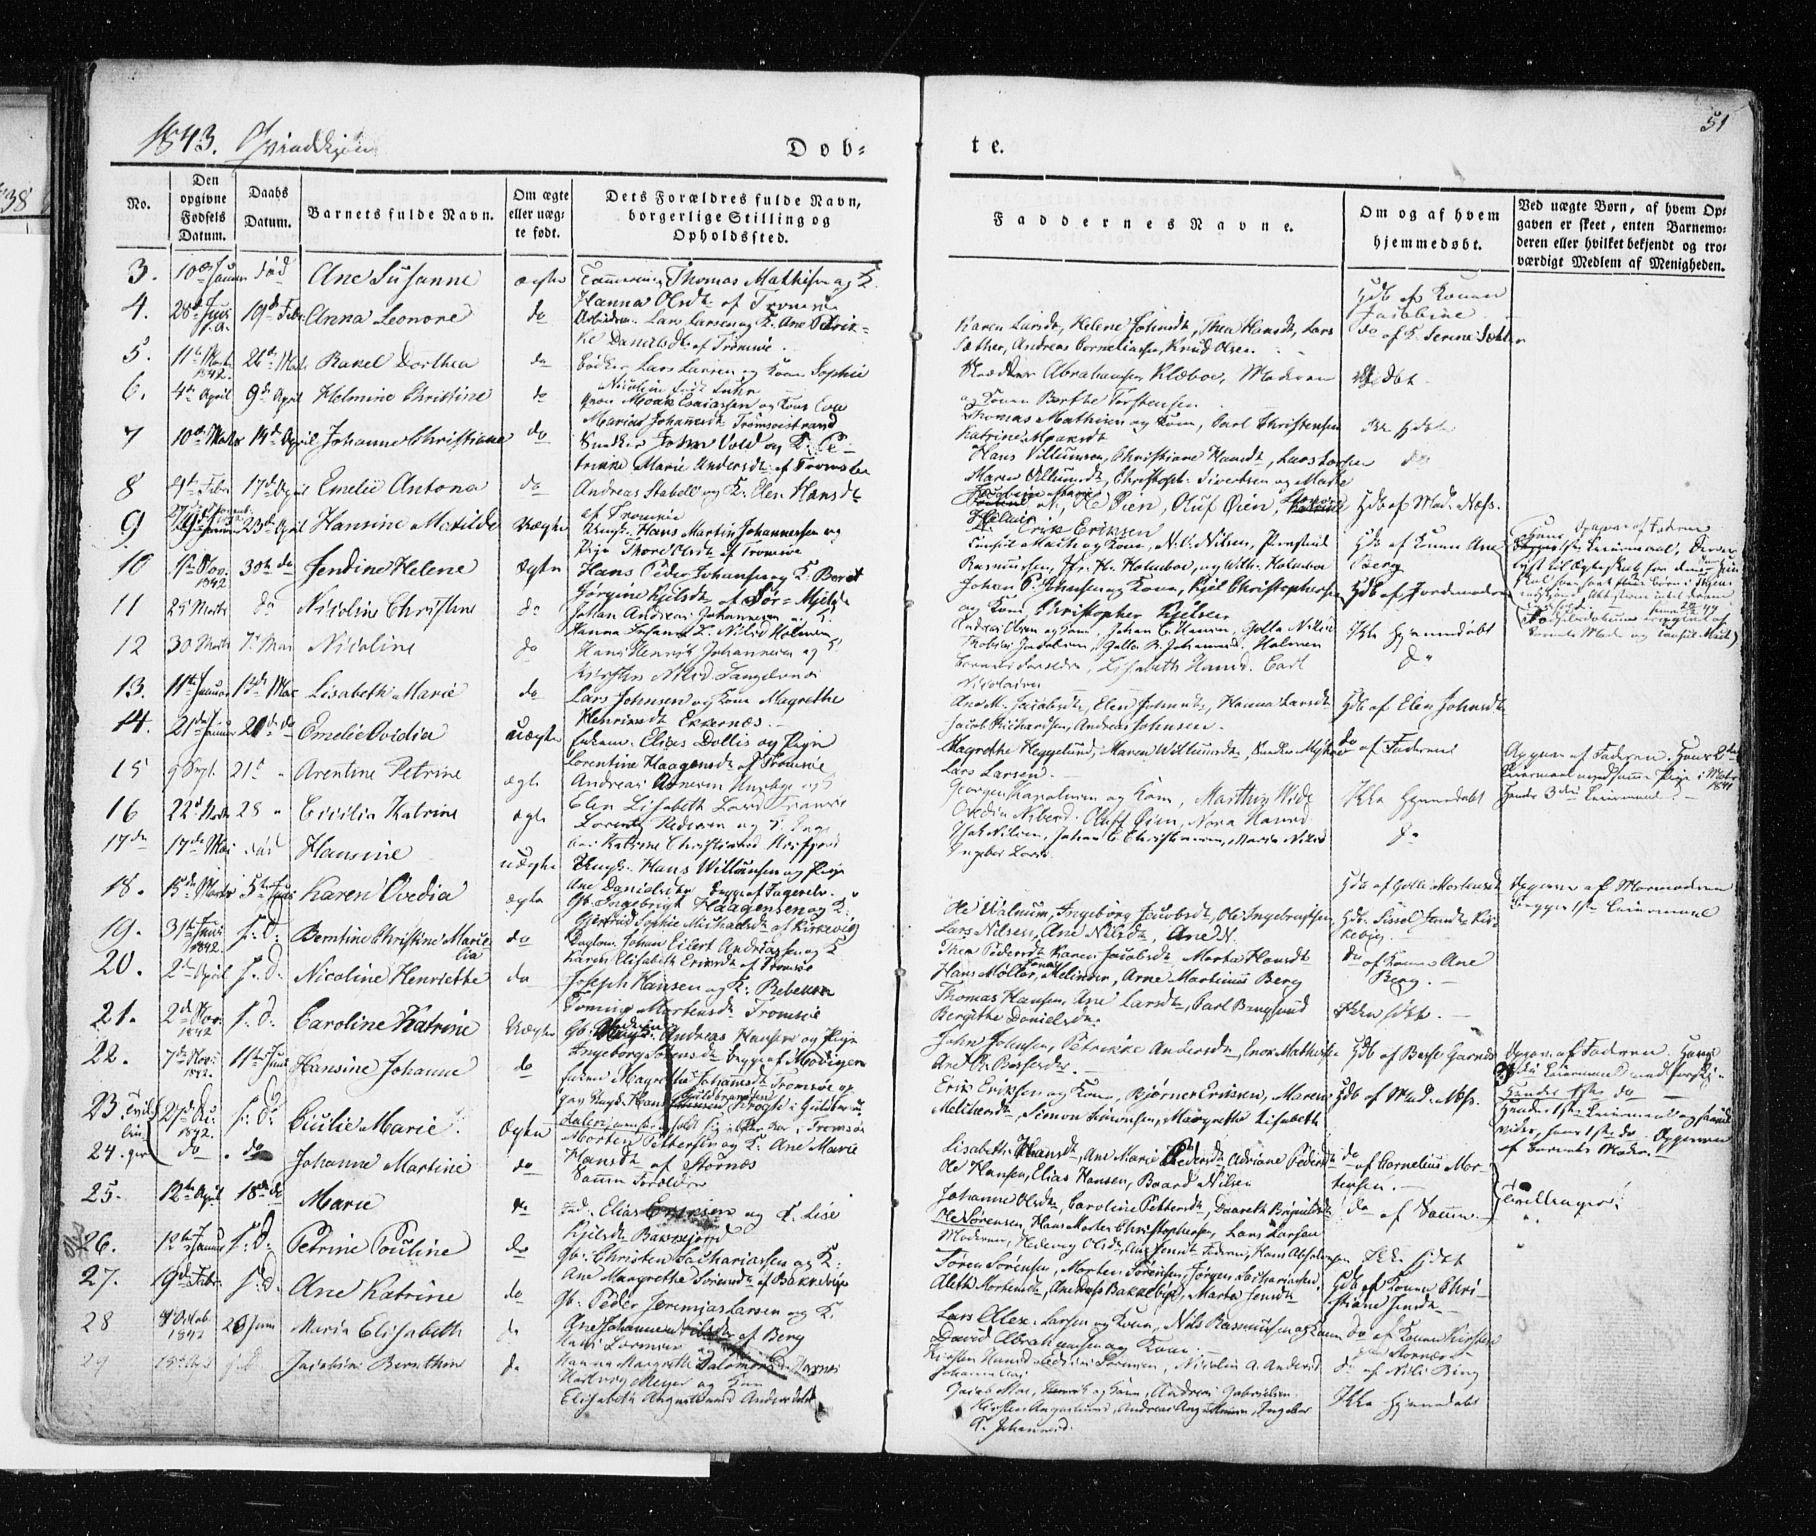 SATØ, Tromsø sokneprestkontor/stiftsprosti/domprosti, G/Ga/L0009kirke: Ministerialbok nr. 9, 1837-1847, s. 51